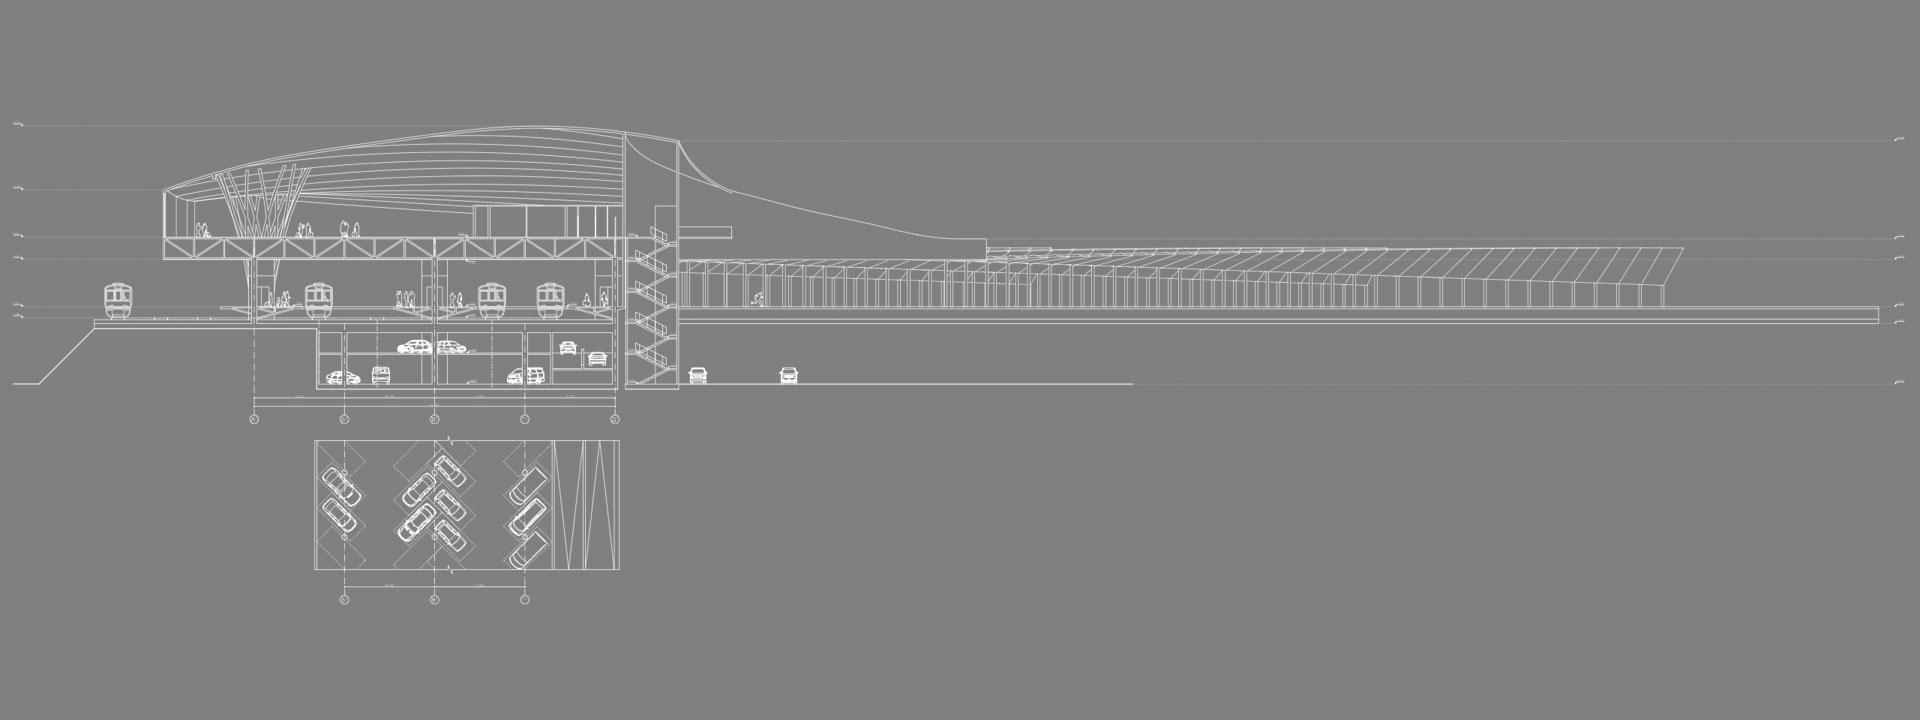 архитектурный разрез - транспортный узел / вокзал